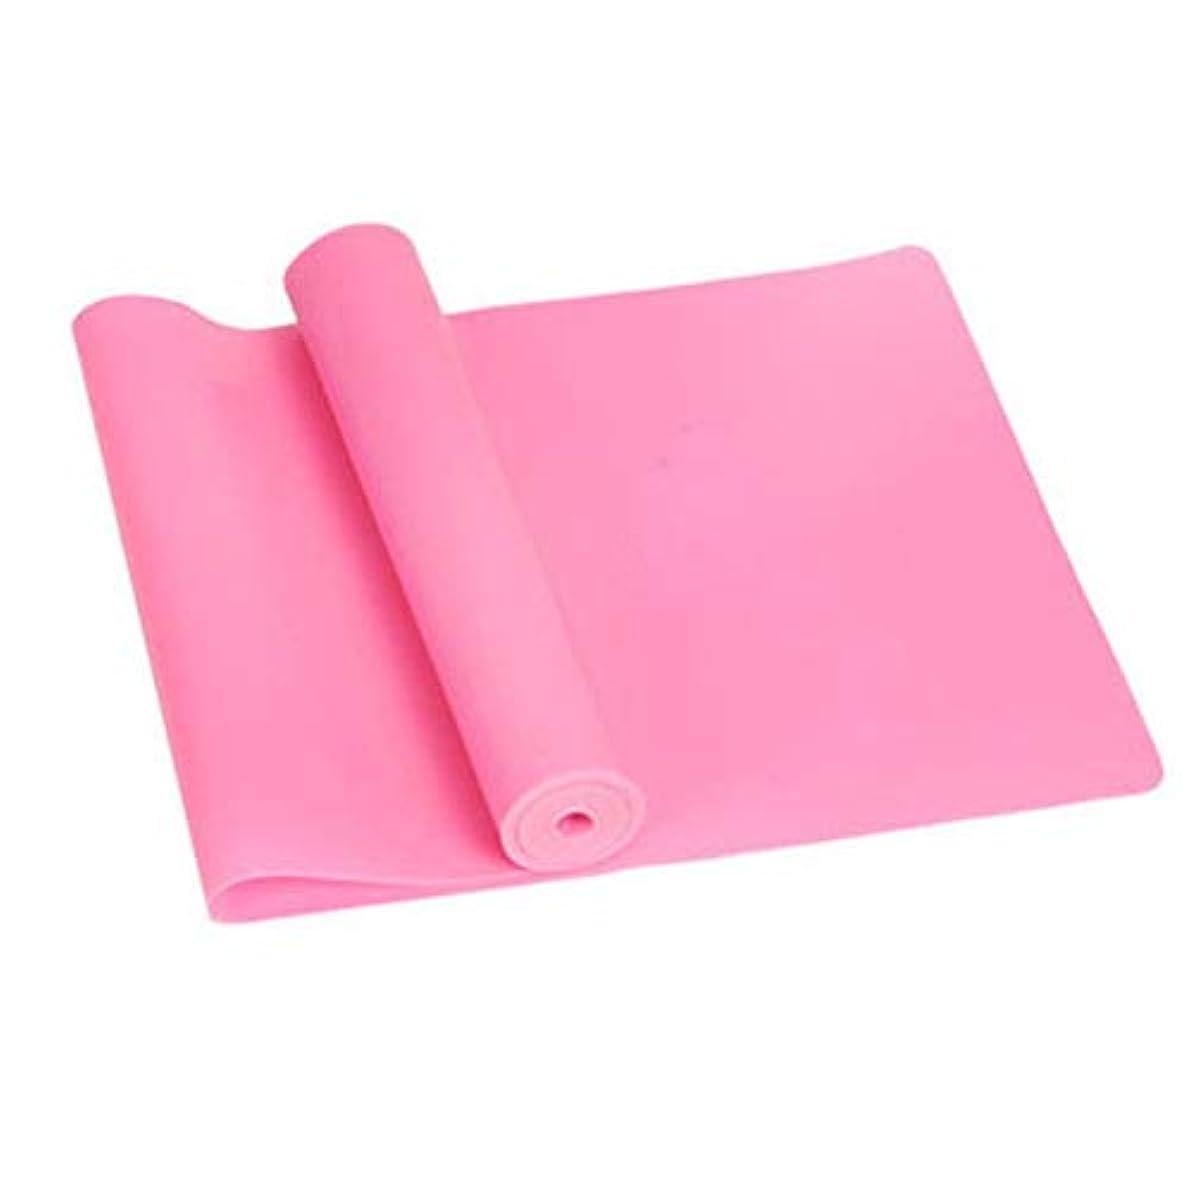 ピンク実現可能性国民スポーツジムフィットネスヨガ機器筋力トレーニング弾性抵抗バンドトレーニングヨガゴムループスポーツピラティスバンド - ピンク